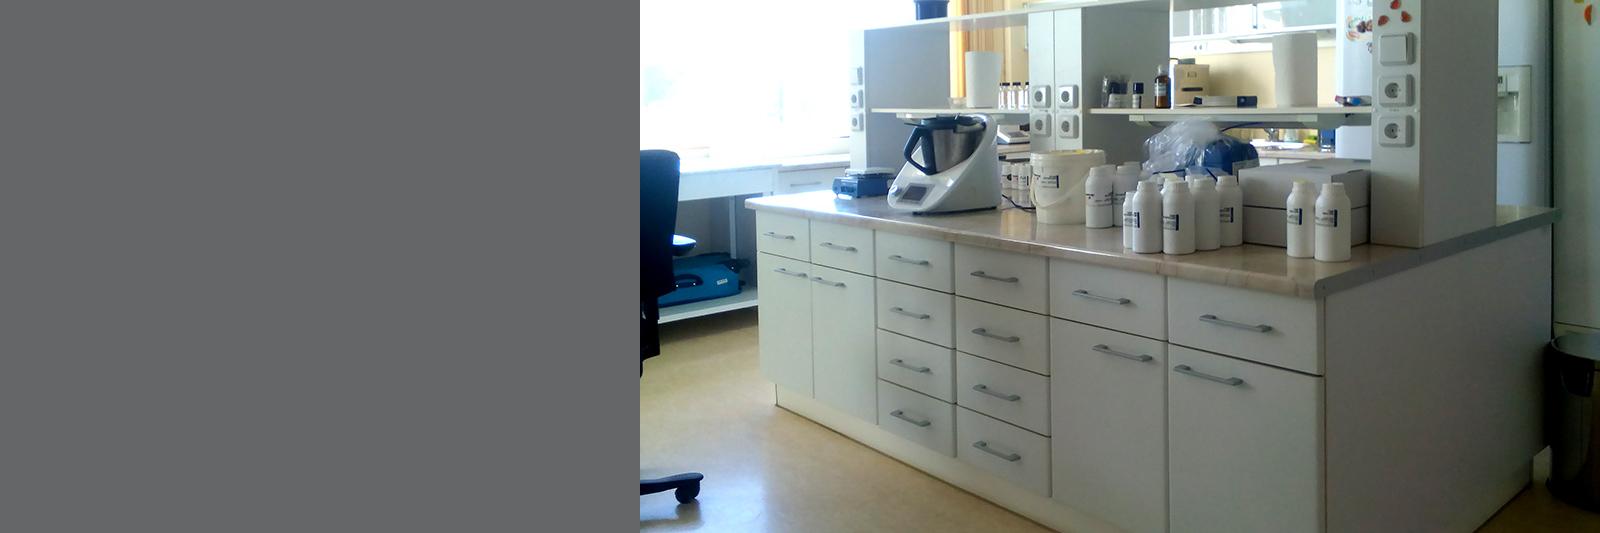 Мебель для лаборатории по индивидуальному заказу